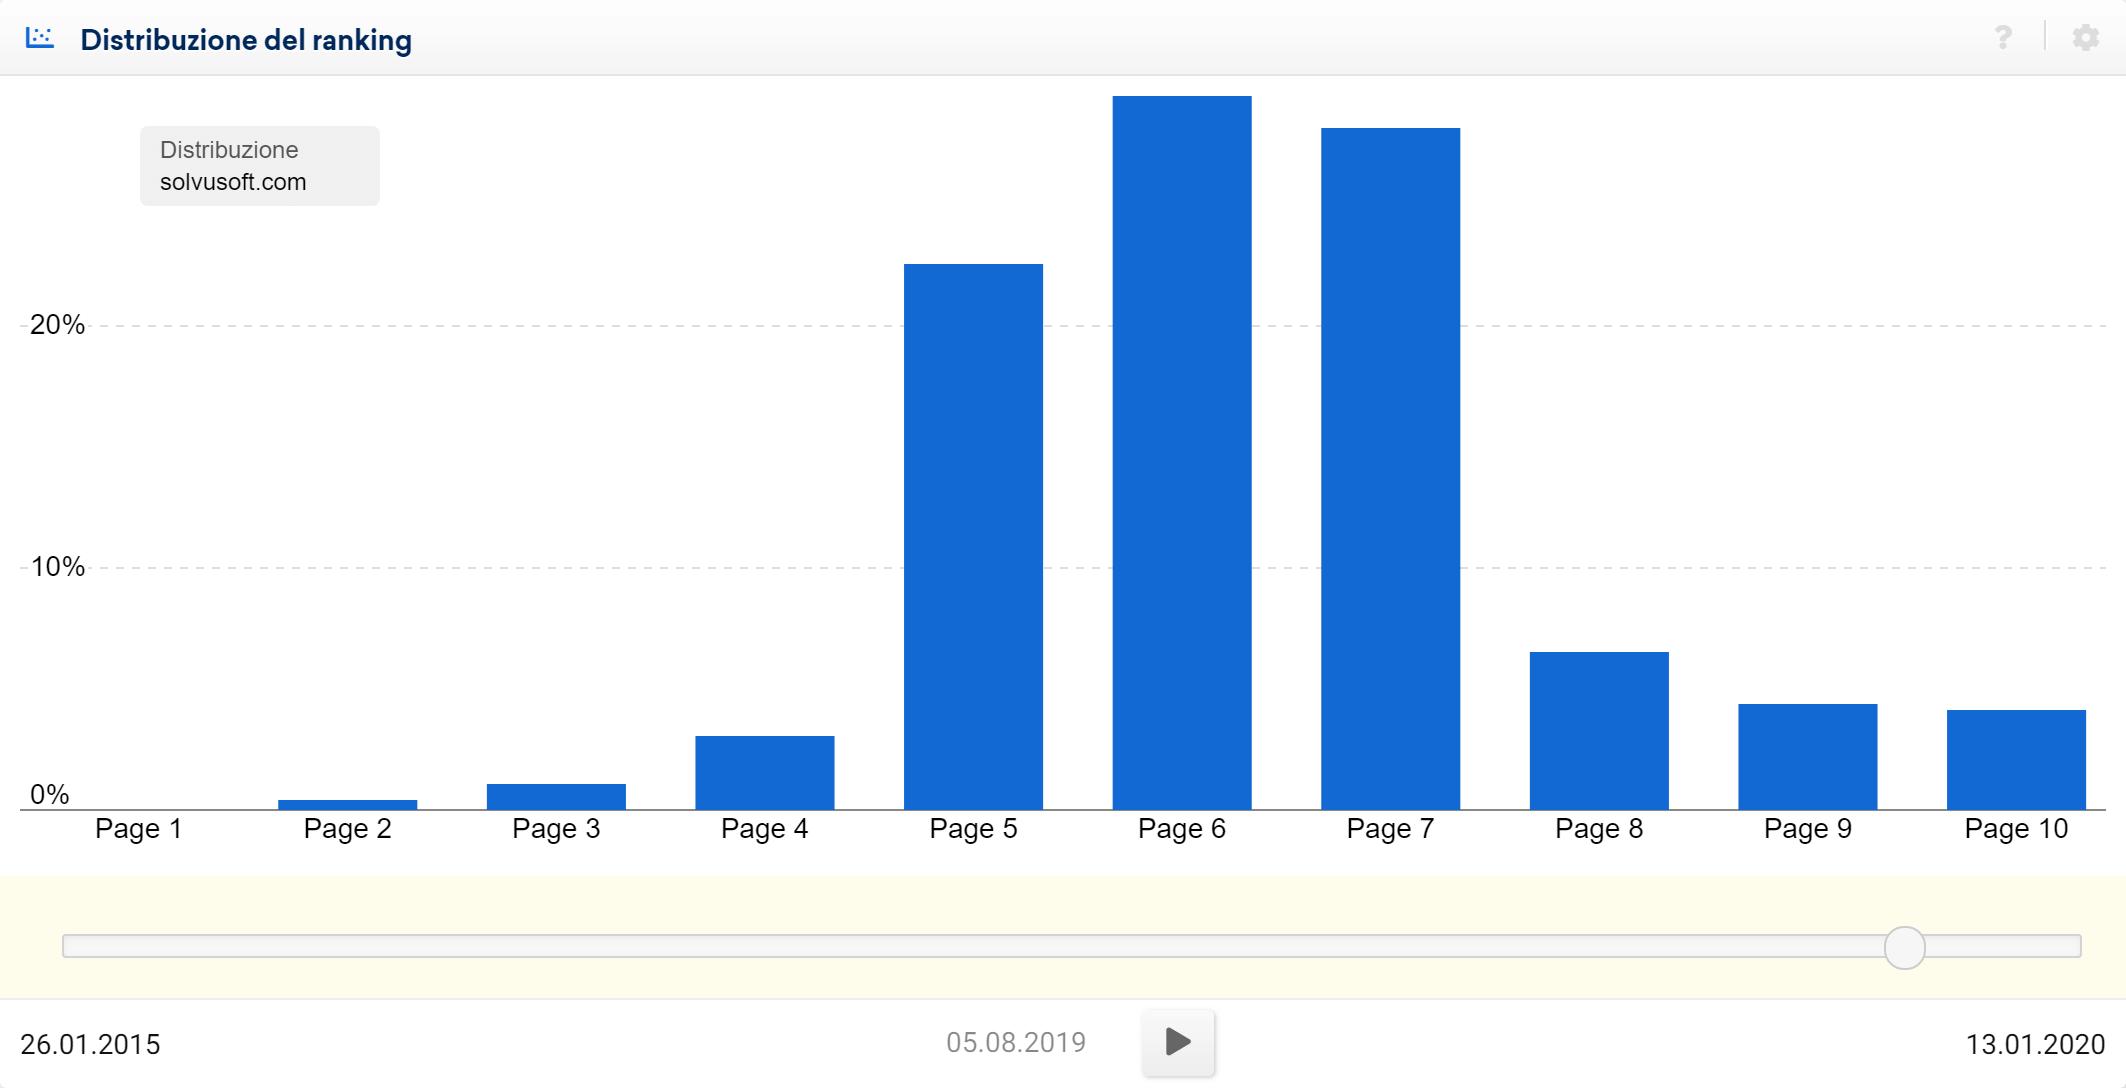 Toolbox SISTRIX: quantità di keyword posizionate nelle pagine di Google per il dominio solvusoft.com (data 05/08/2019)